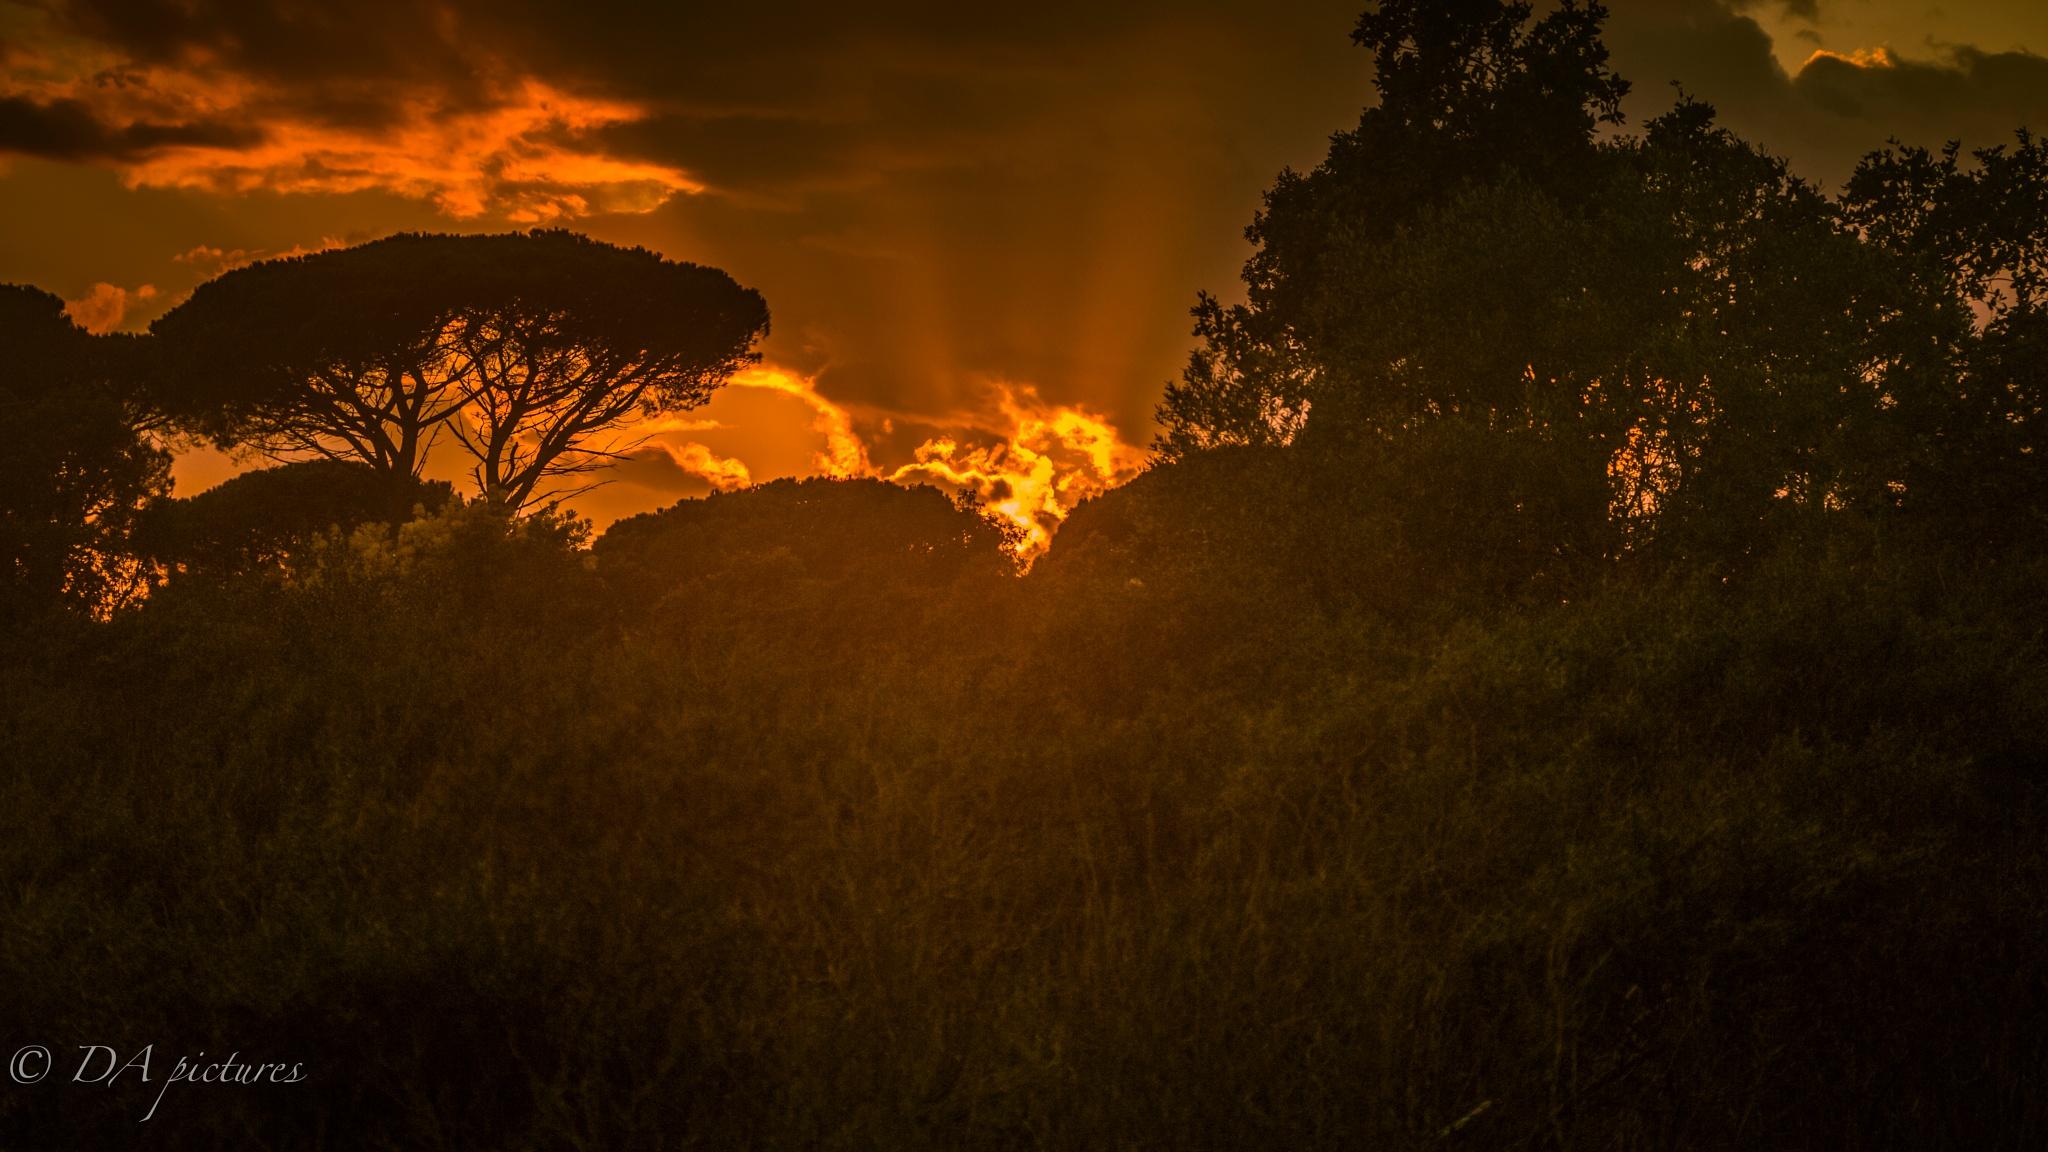 Cloudy sunset by djaffar adane